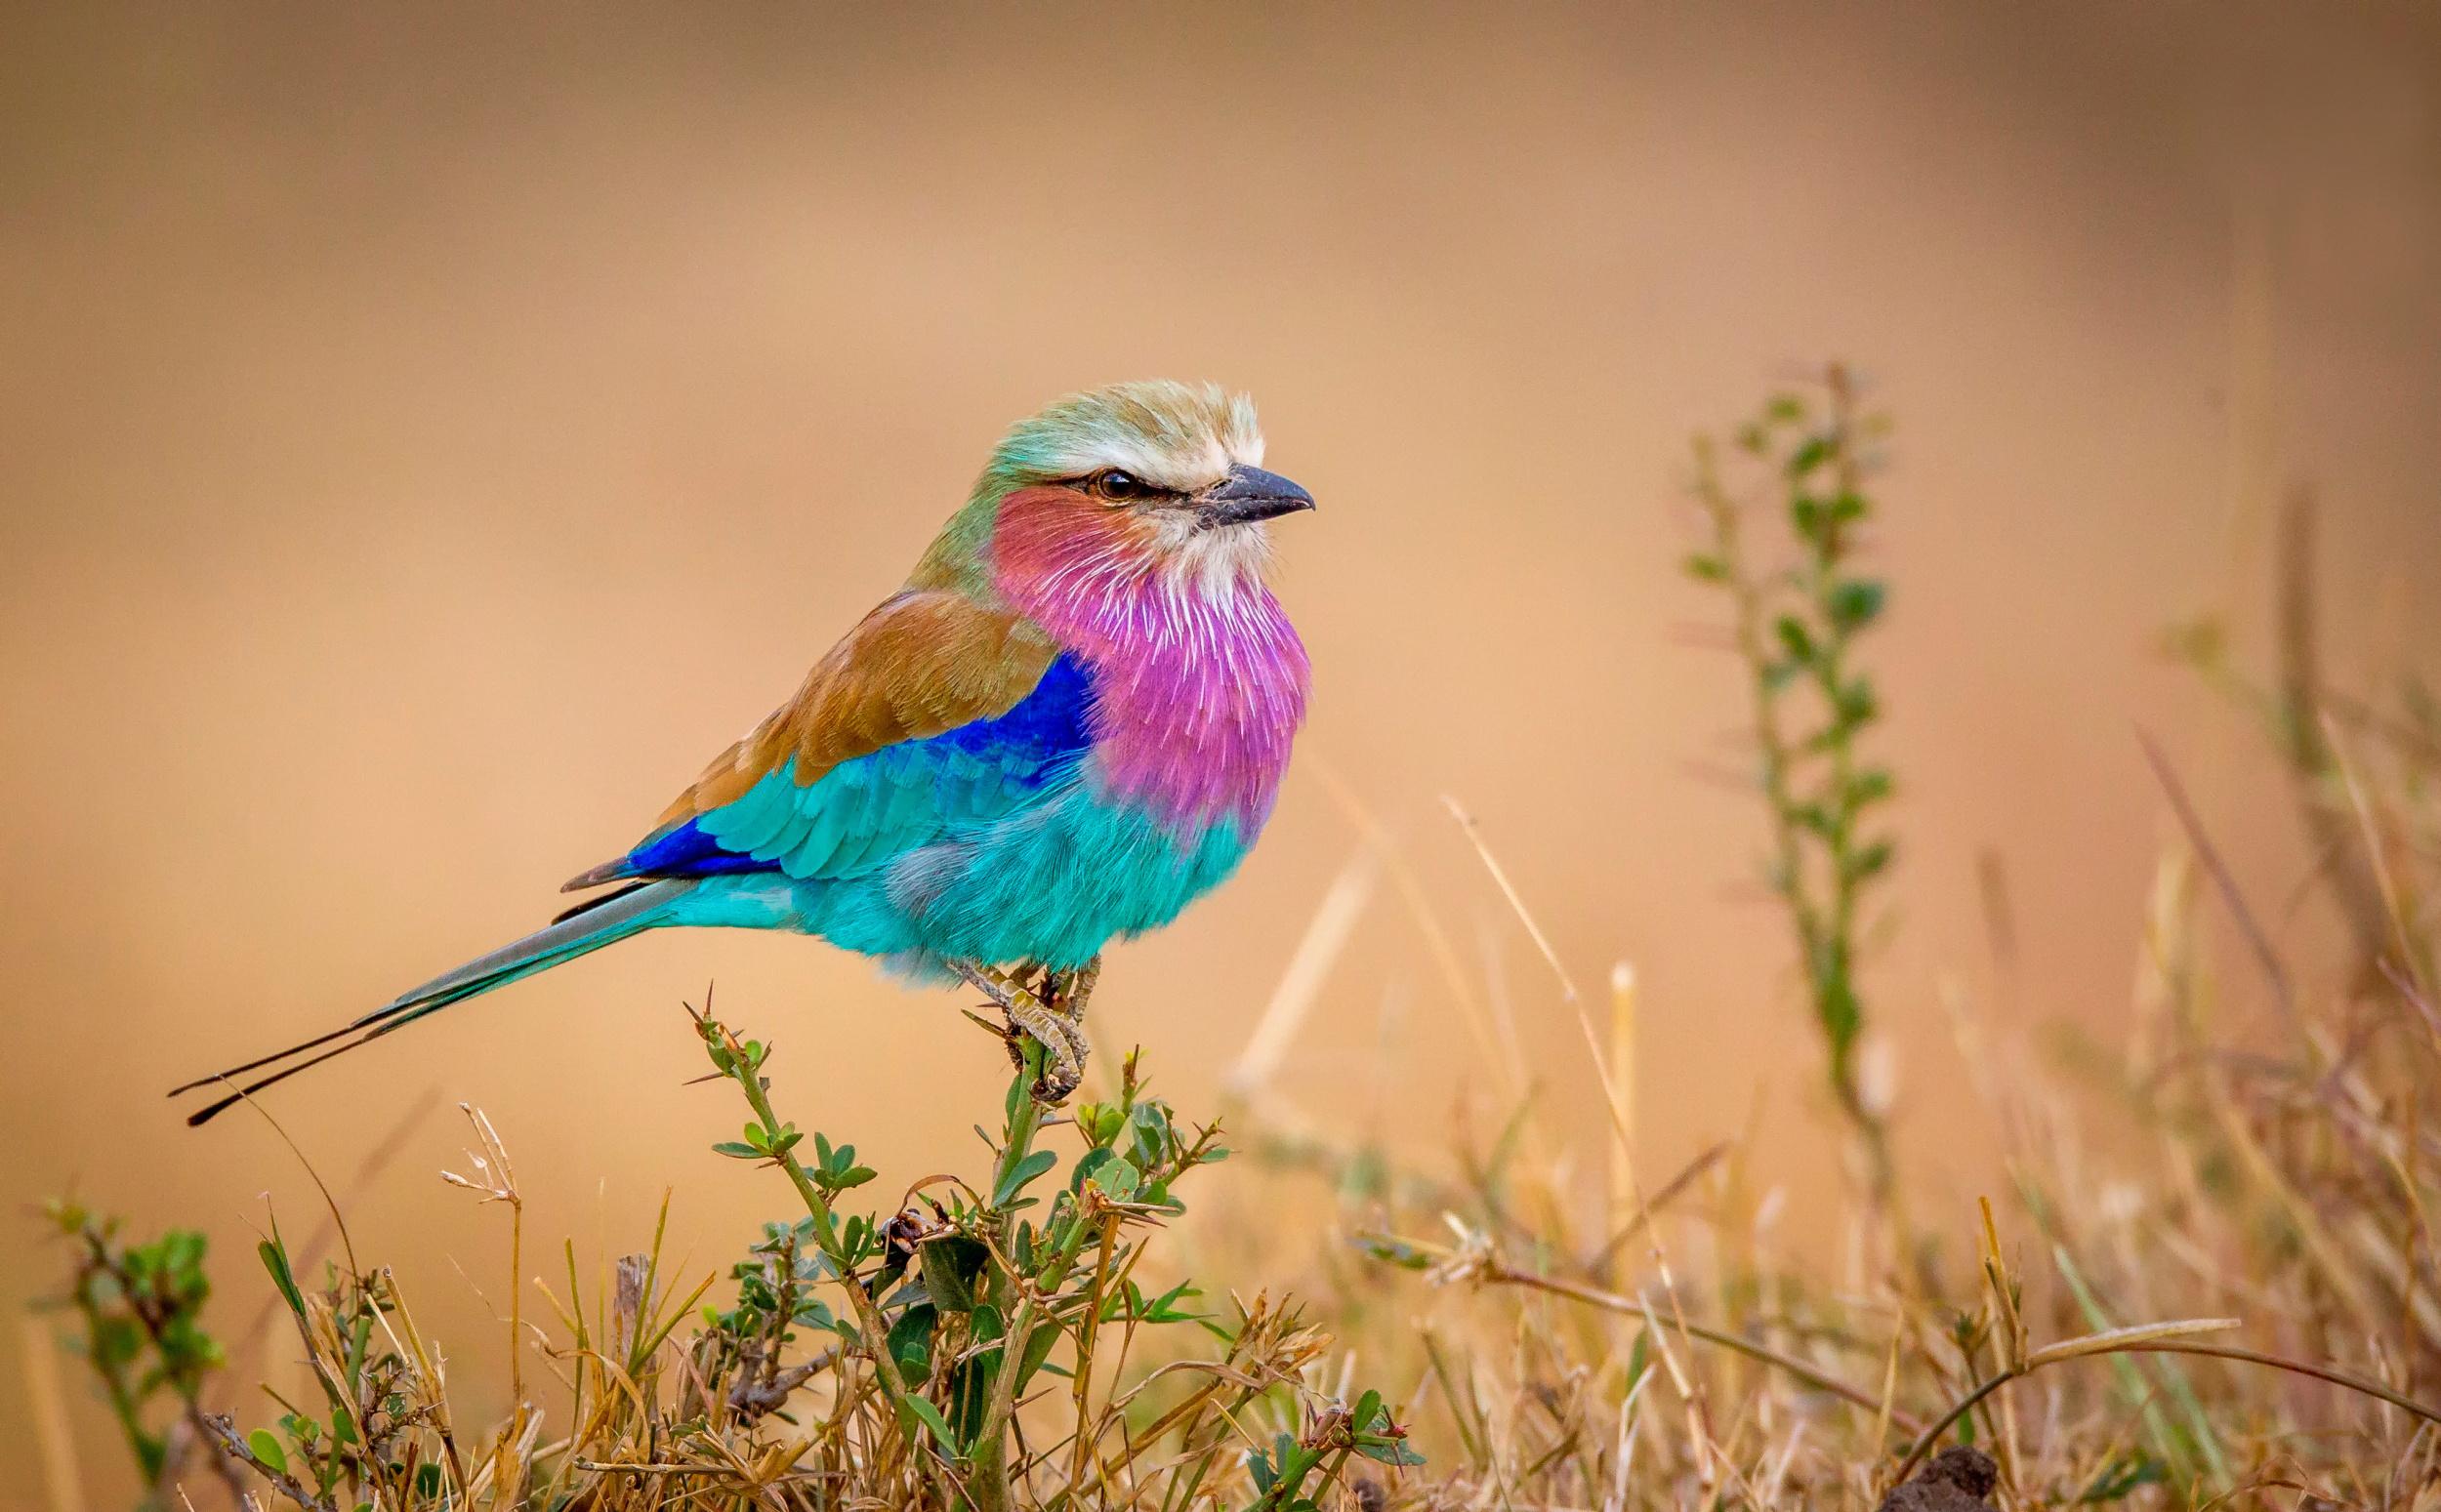 разноцветные птицы фотографии мама